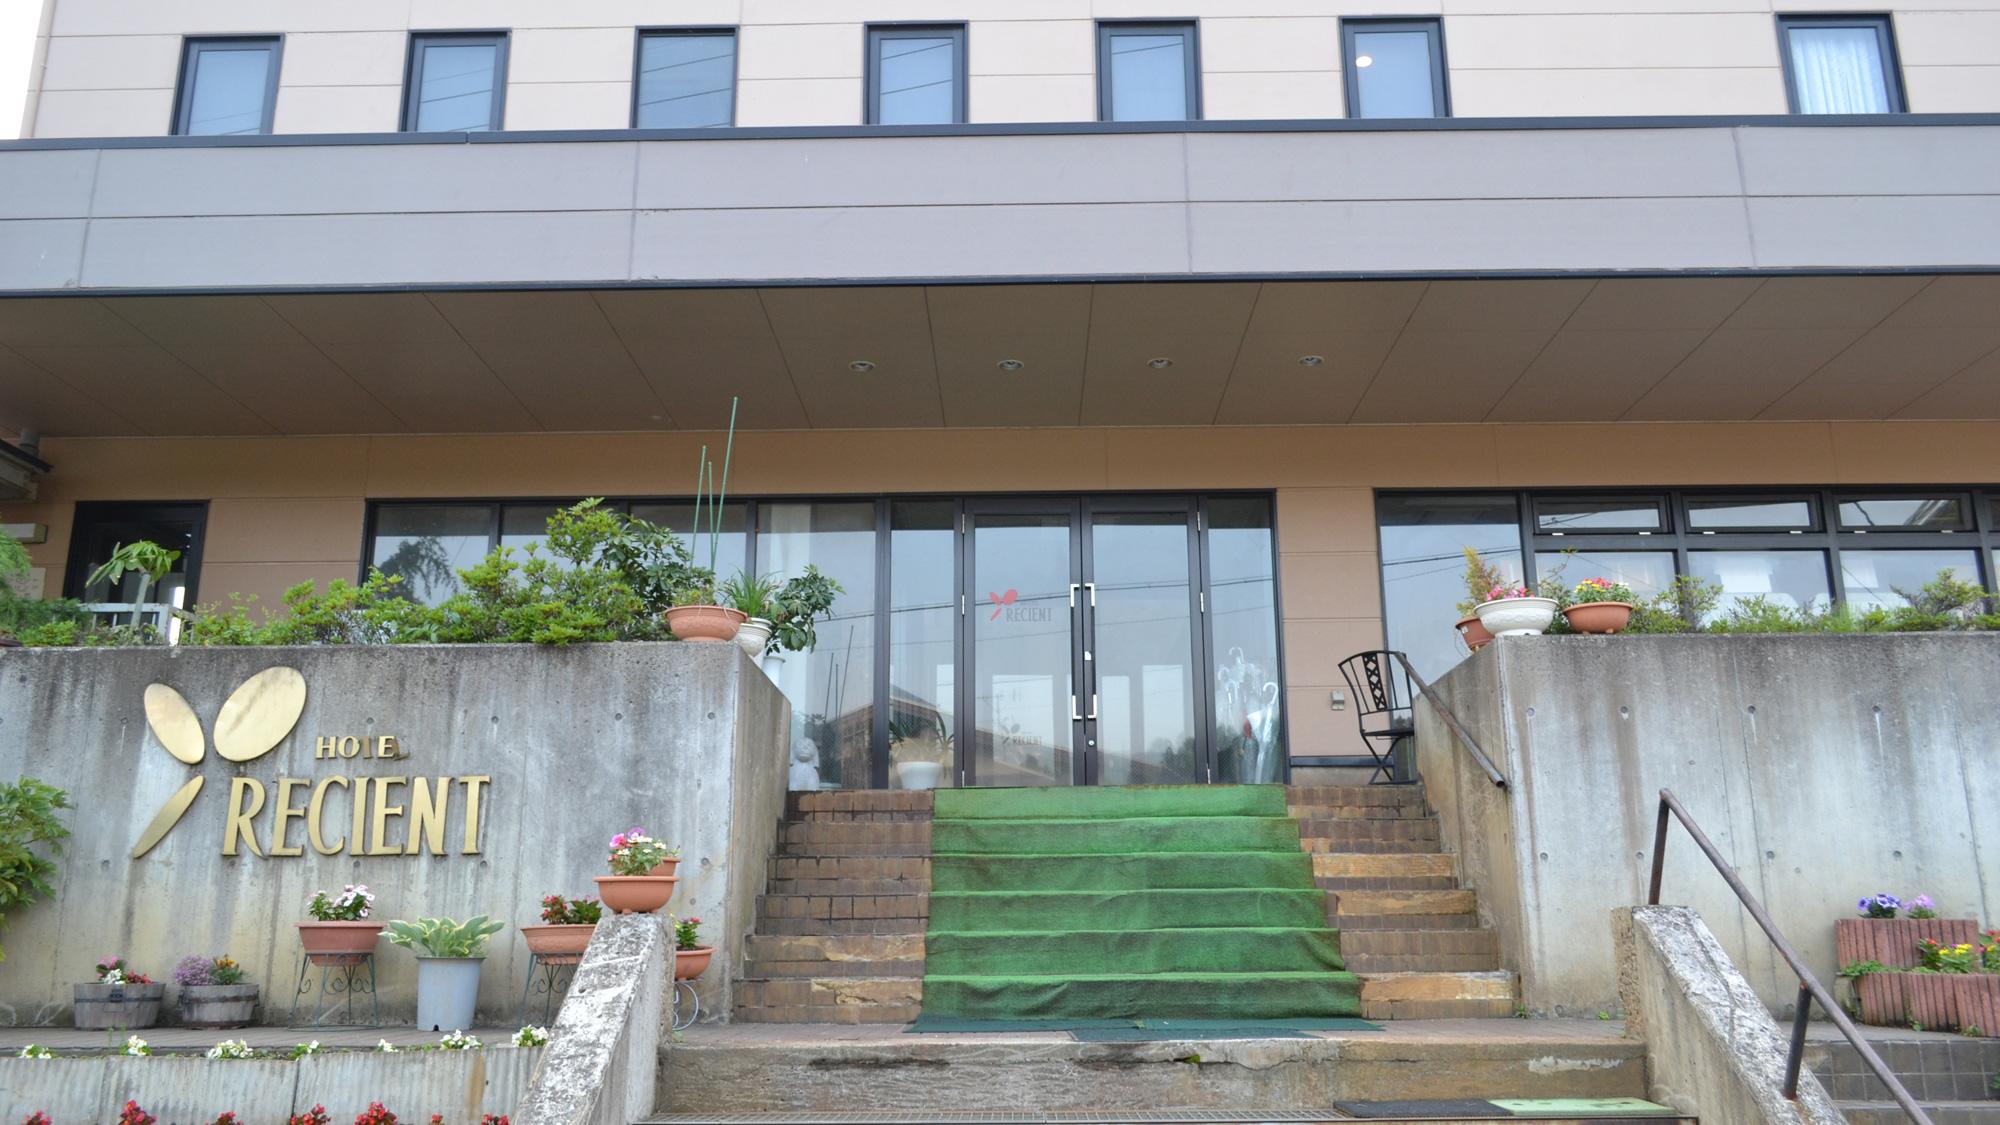 ホテル レシェント◆楽天トラベル